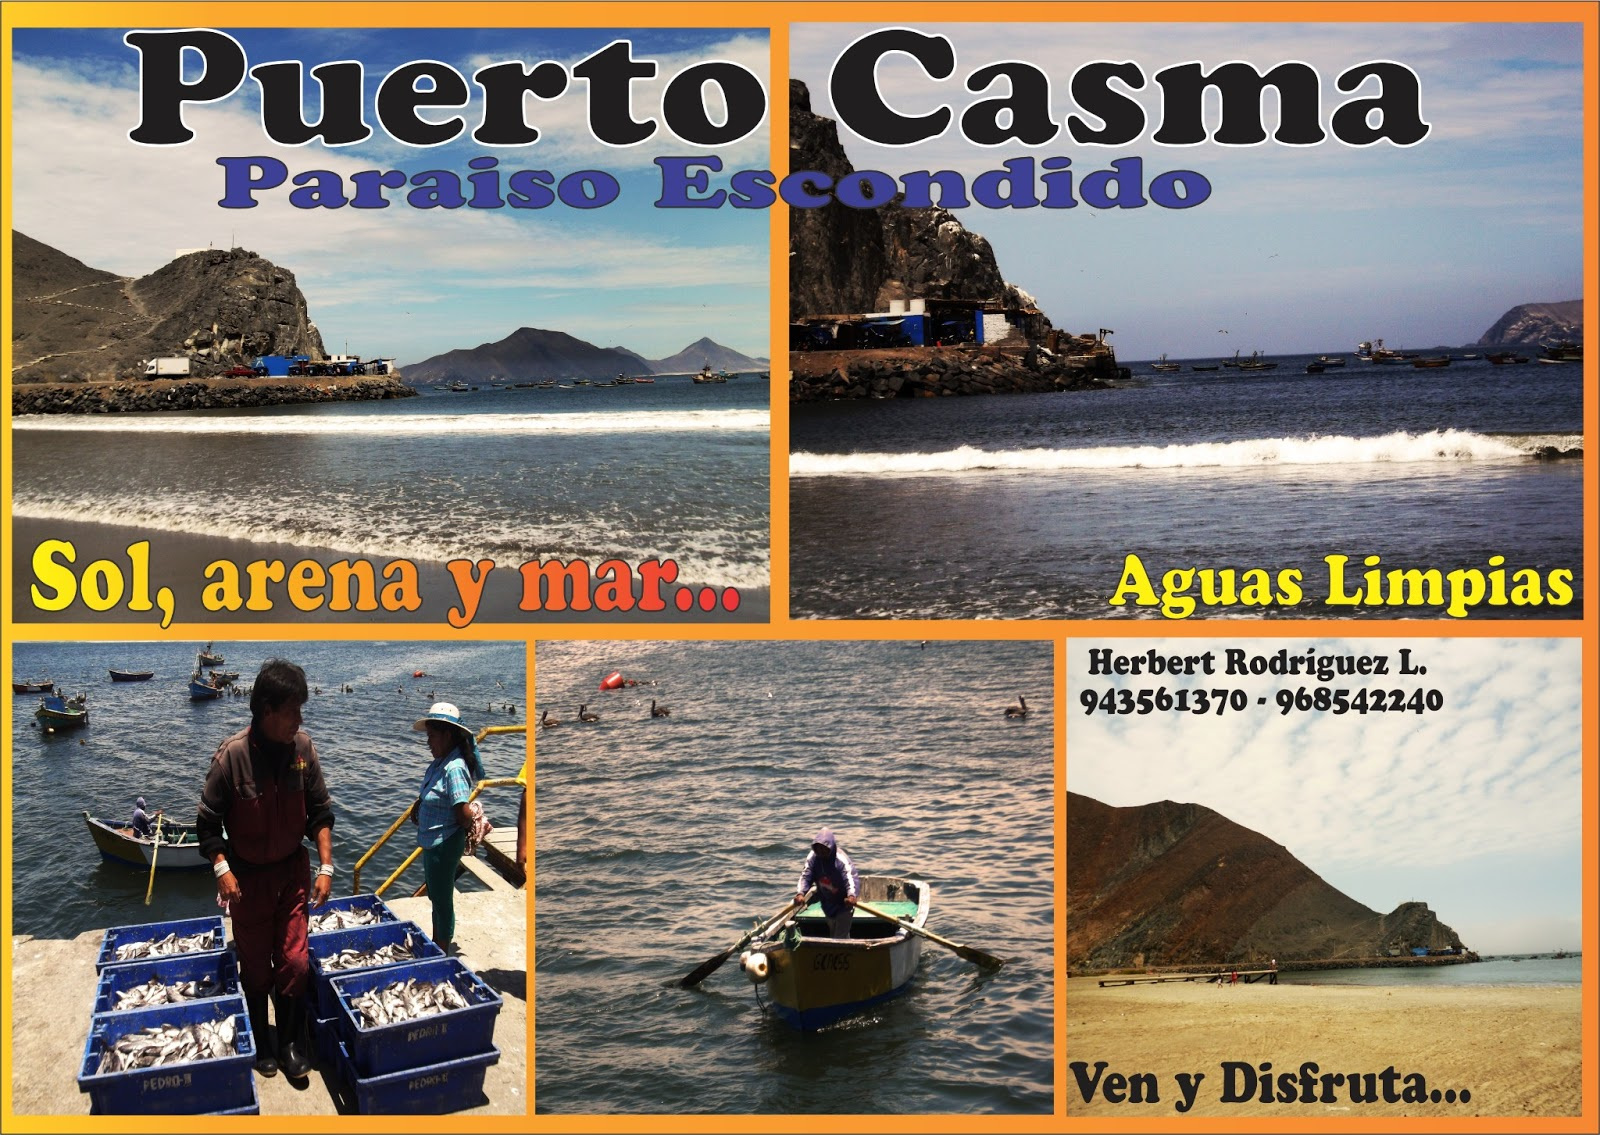 Fotos del Puerto de Casma